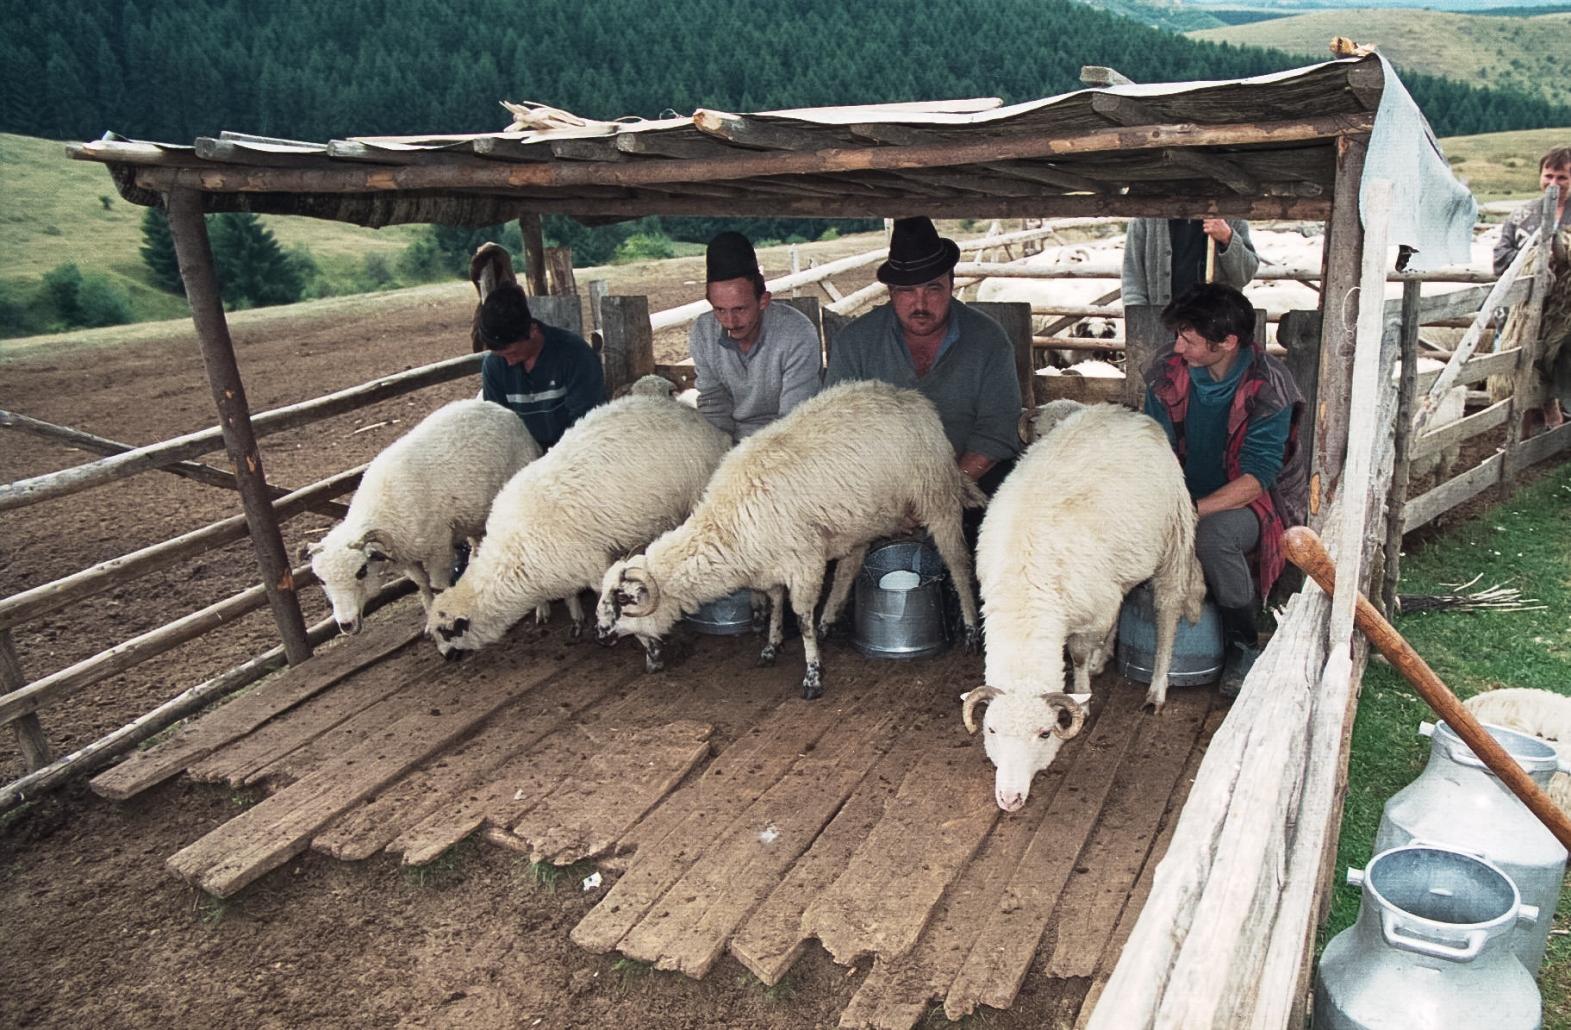 Oierit, pășunatul oilor, Sibiu